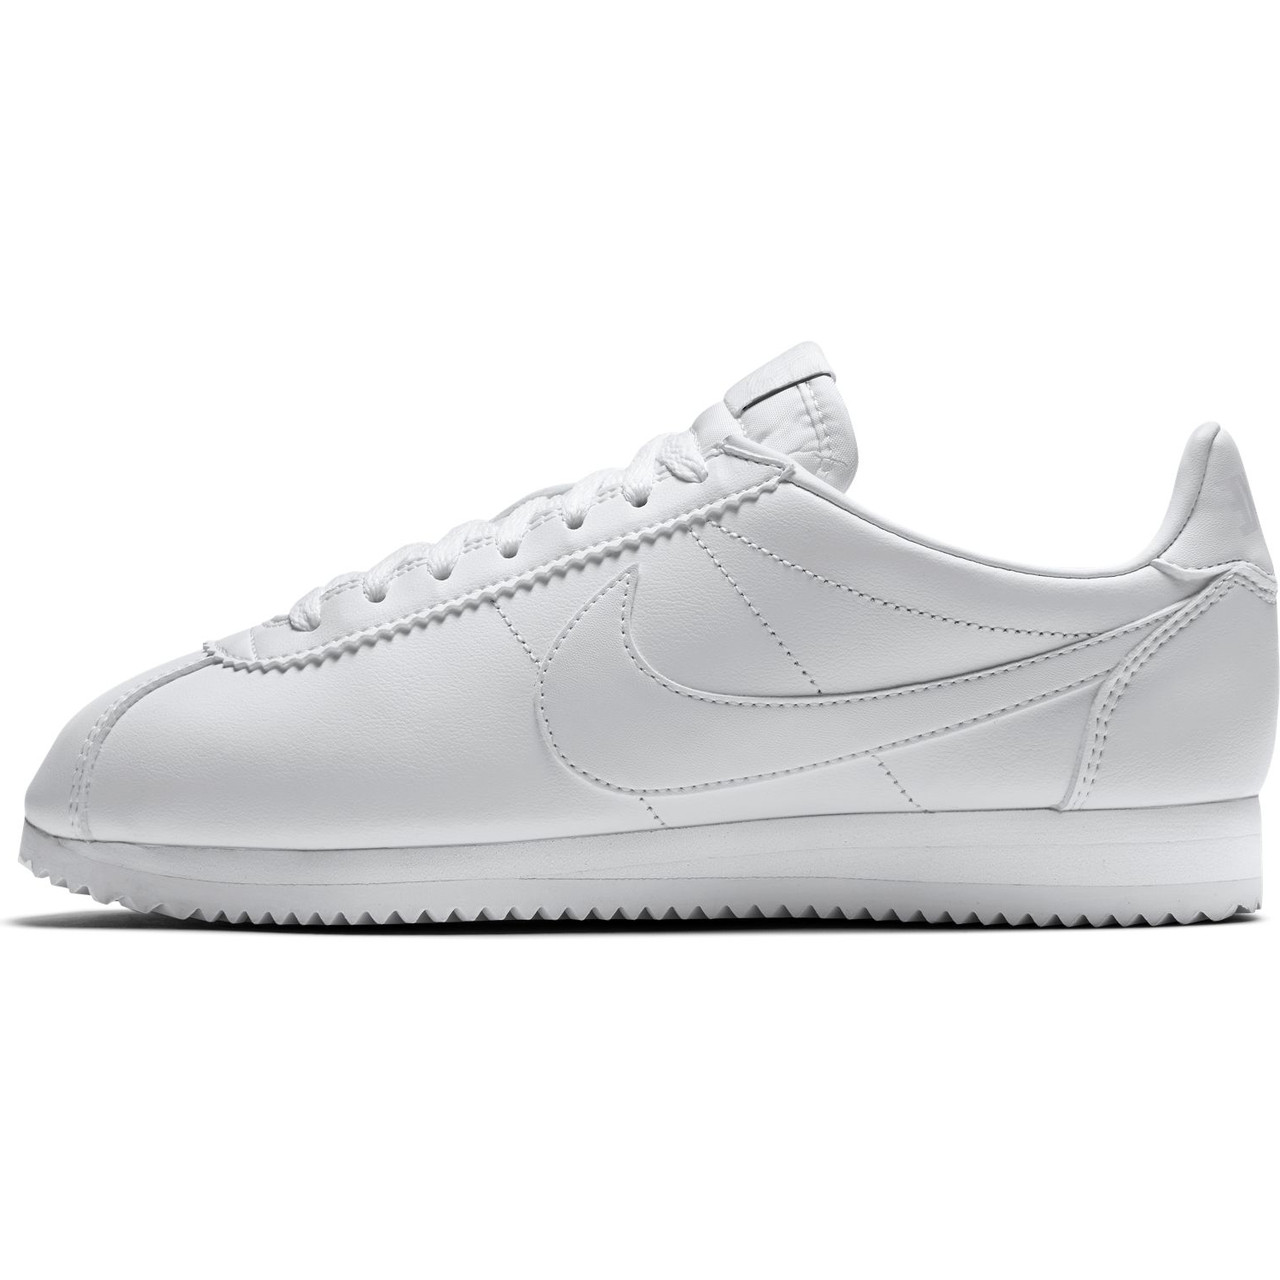 4f0d41b9 Оригинальные Женские Кроссовки Nike Classic Cortez Leather — в ...